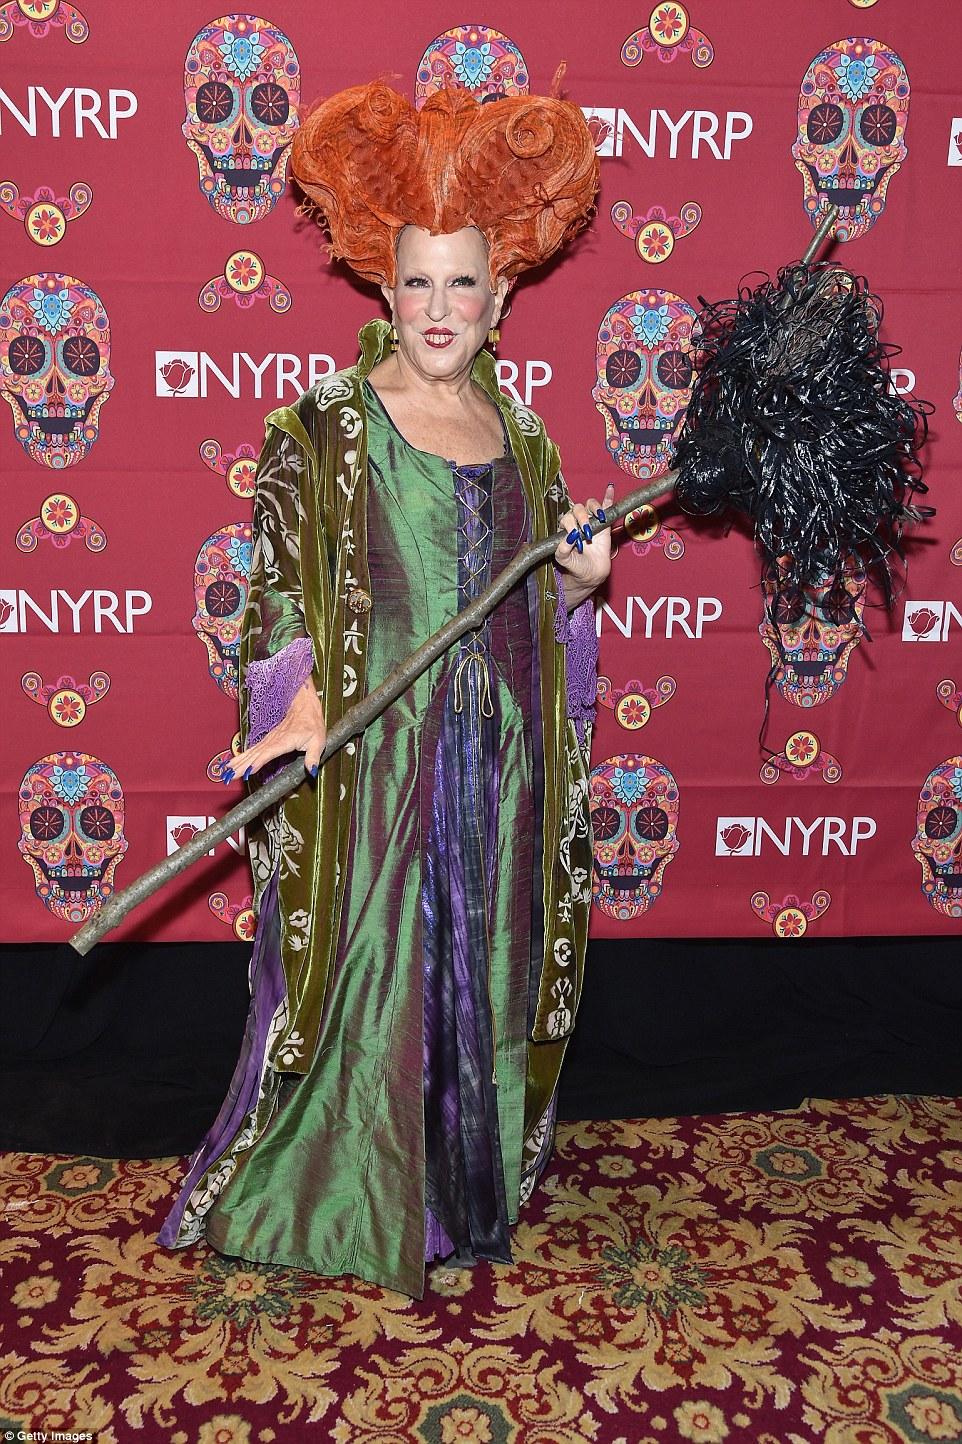 Самые дерзкие костюмы знаменитостей на вечеринках в честь Хеллоуина (20 фото)